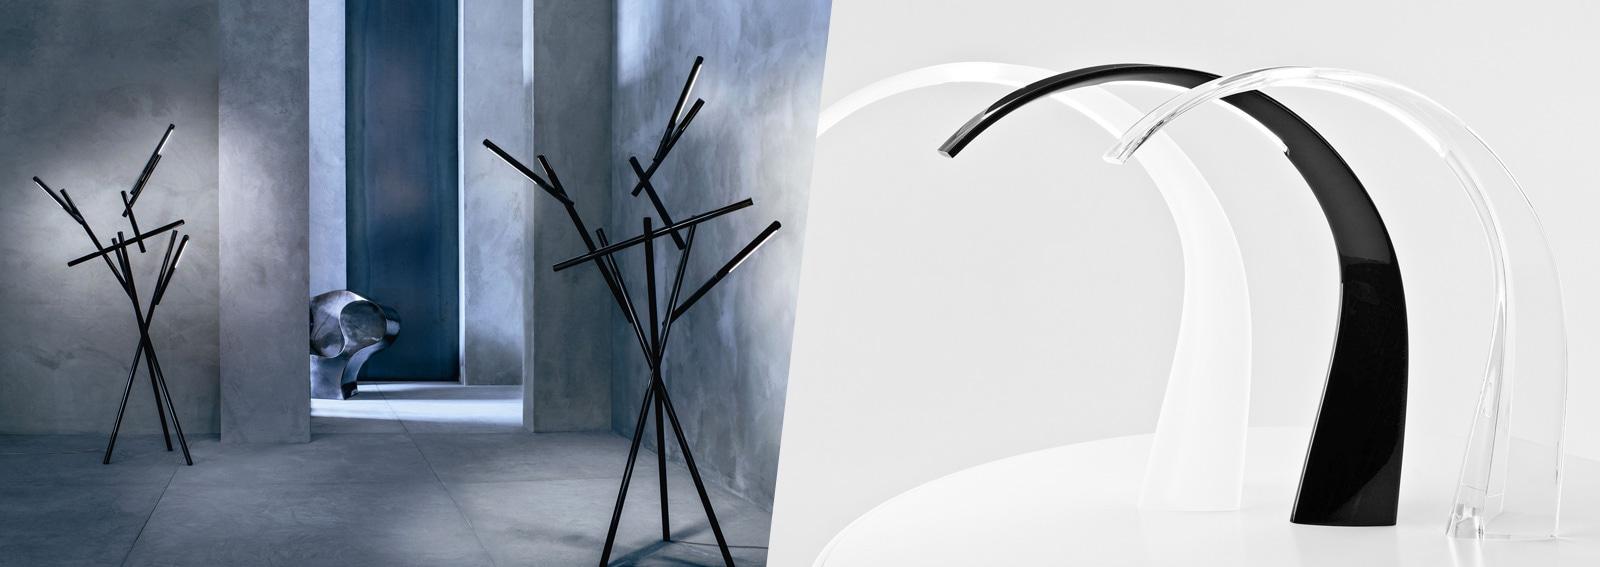 cover-lampade-a-led-illuminazione-sostenibile-desktop